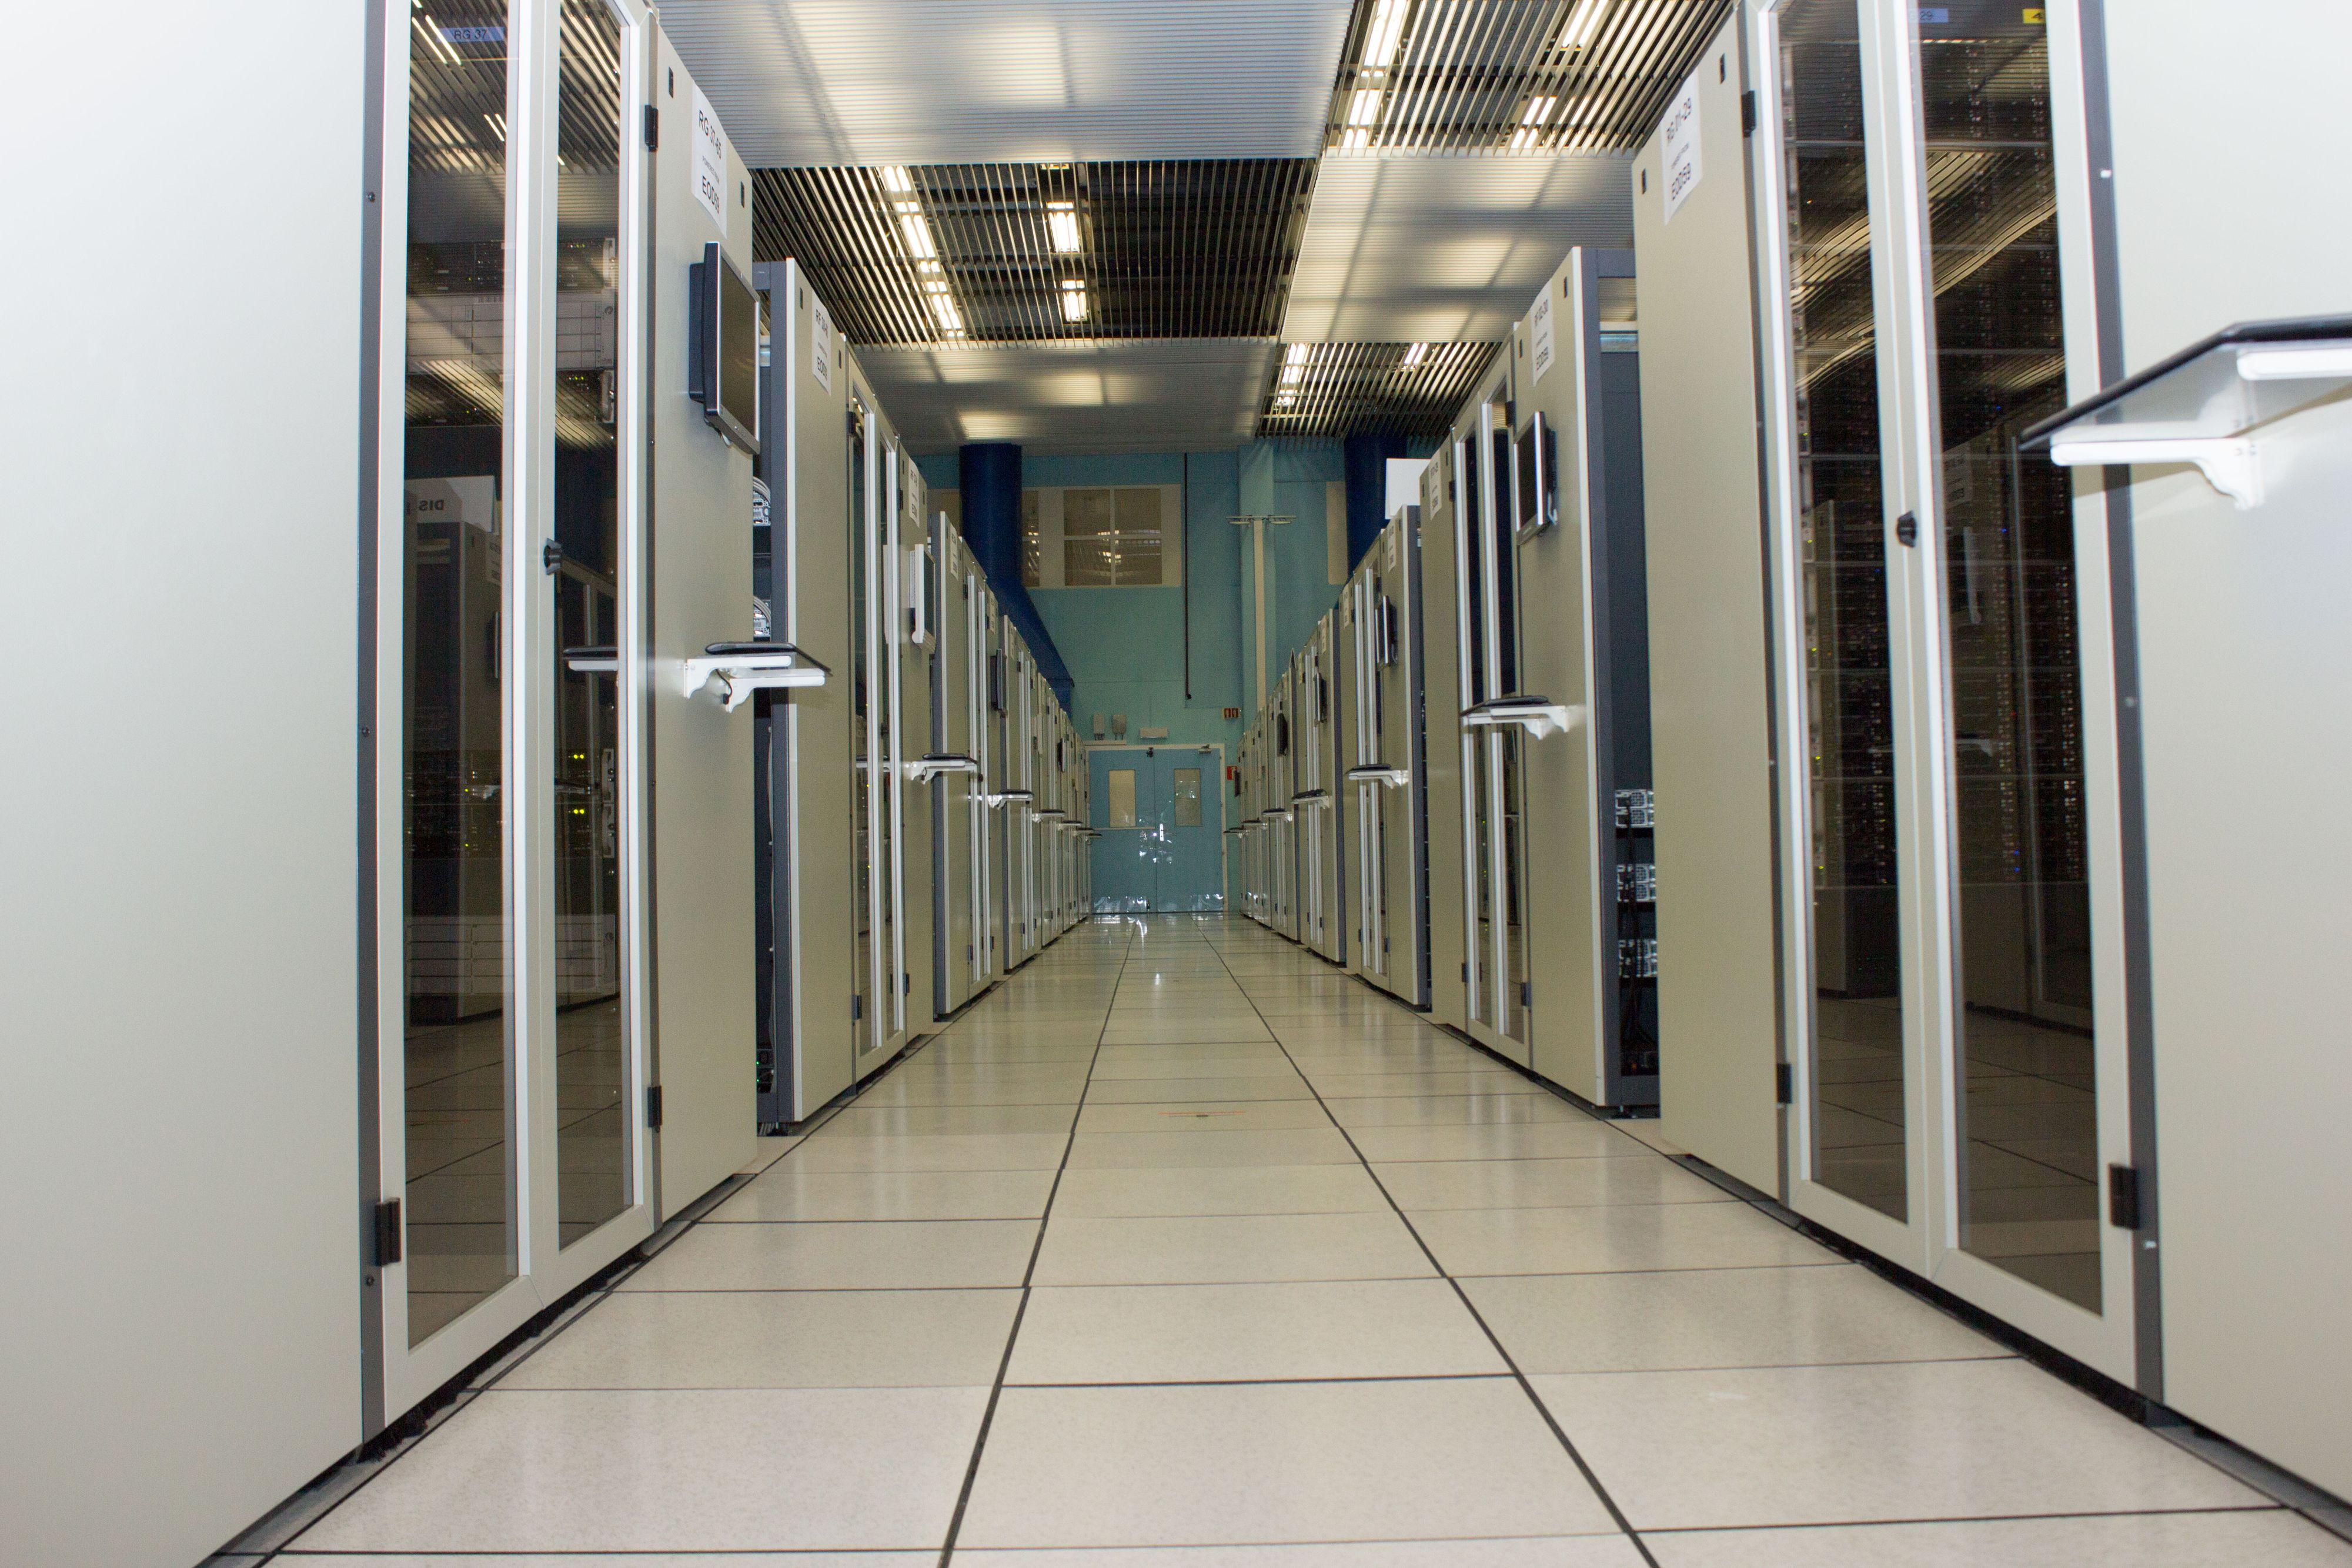 Innimellom servere, teiplagre og kjøleløsninger finner vi små terminaler som lar den erfarne IT-staben holde oversikt på alt som skjer.